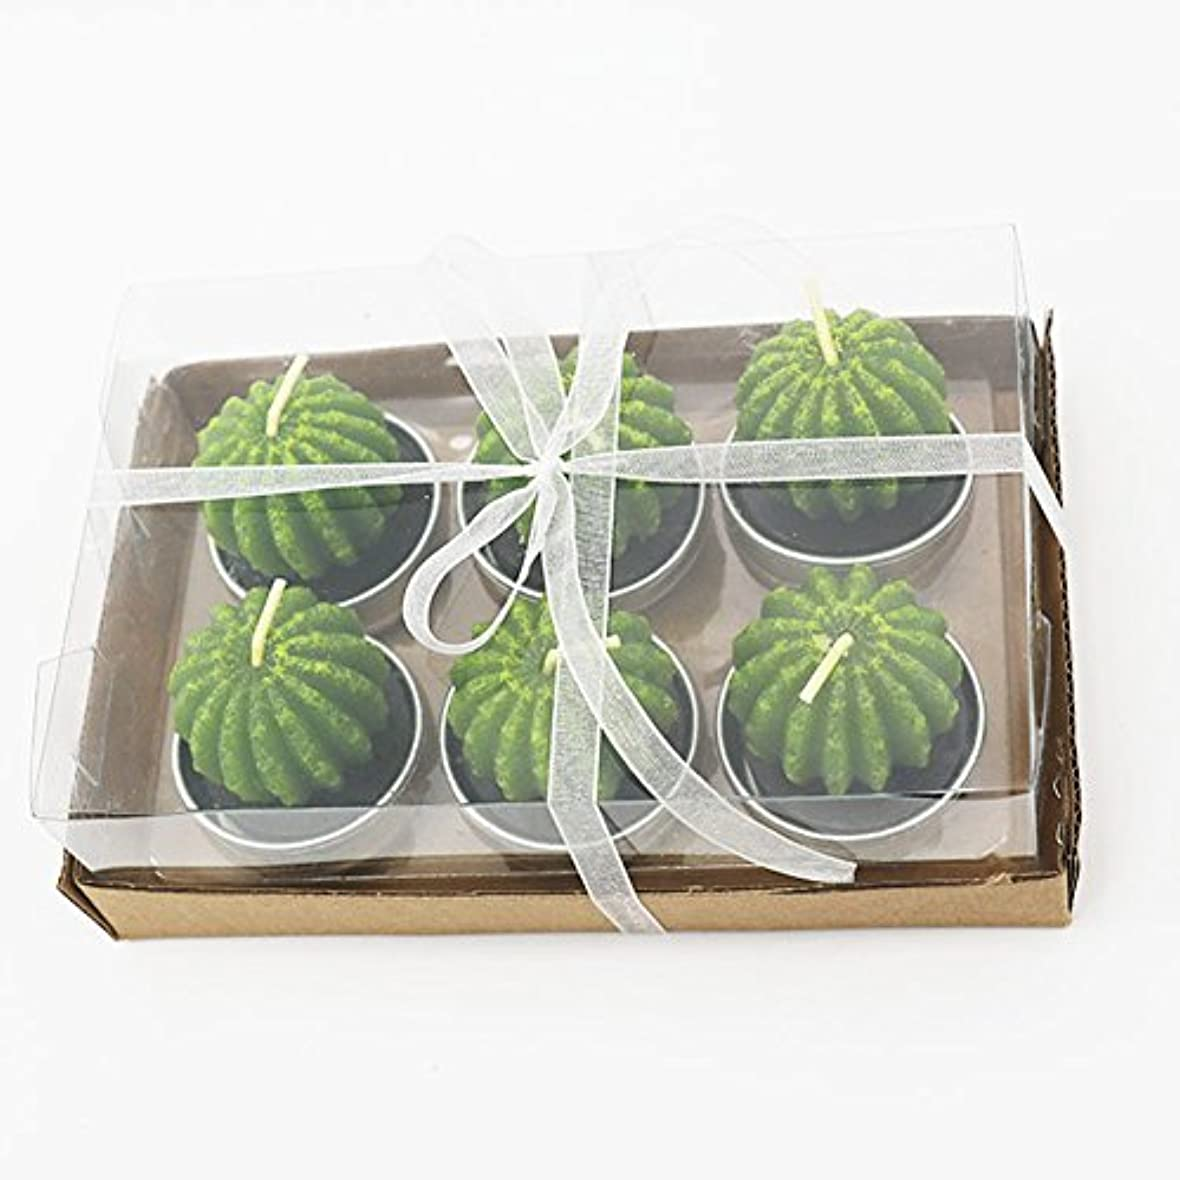 流迫害する脅威Liebeye キャンドル 多肉植物スモークフリーのクリエイティブなキャンドル100%自然のワックスかわいい模造植物フルーツの形状低温キャンドル 6個/箱 妖精のボール箱